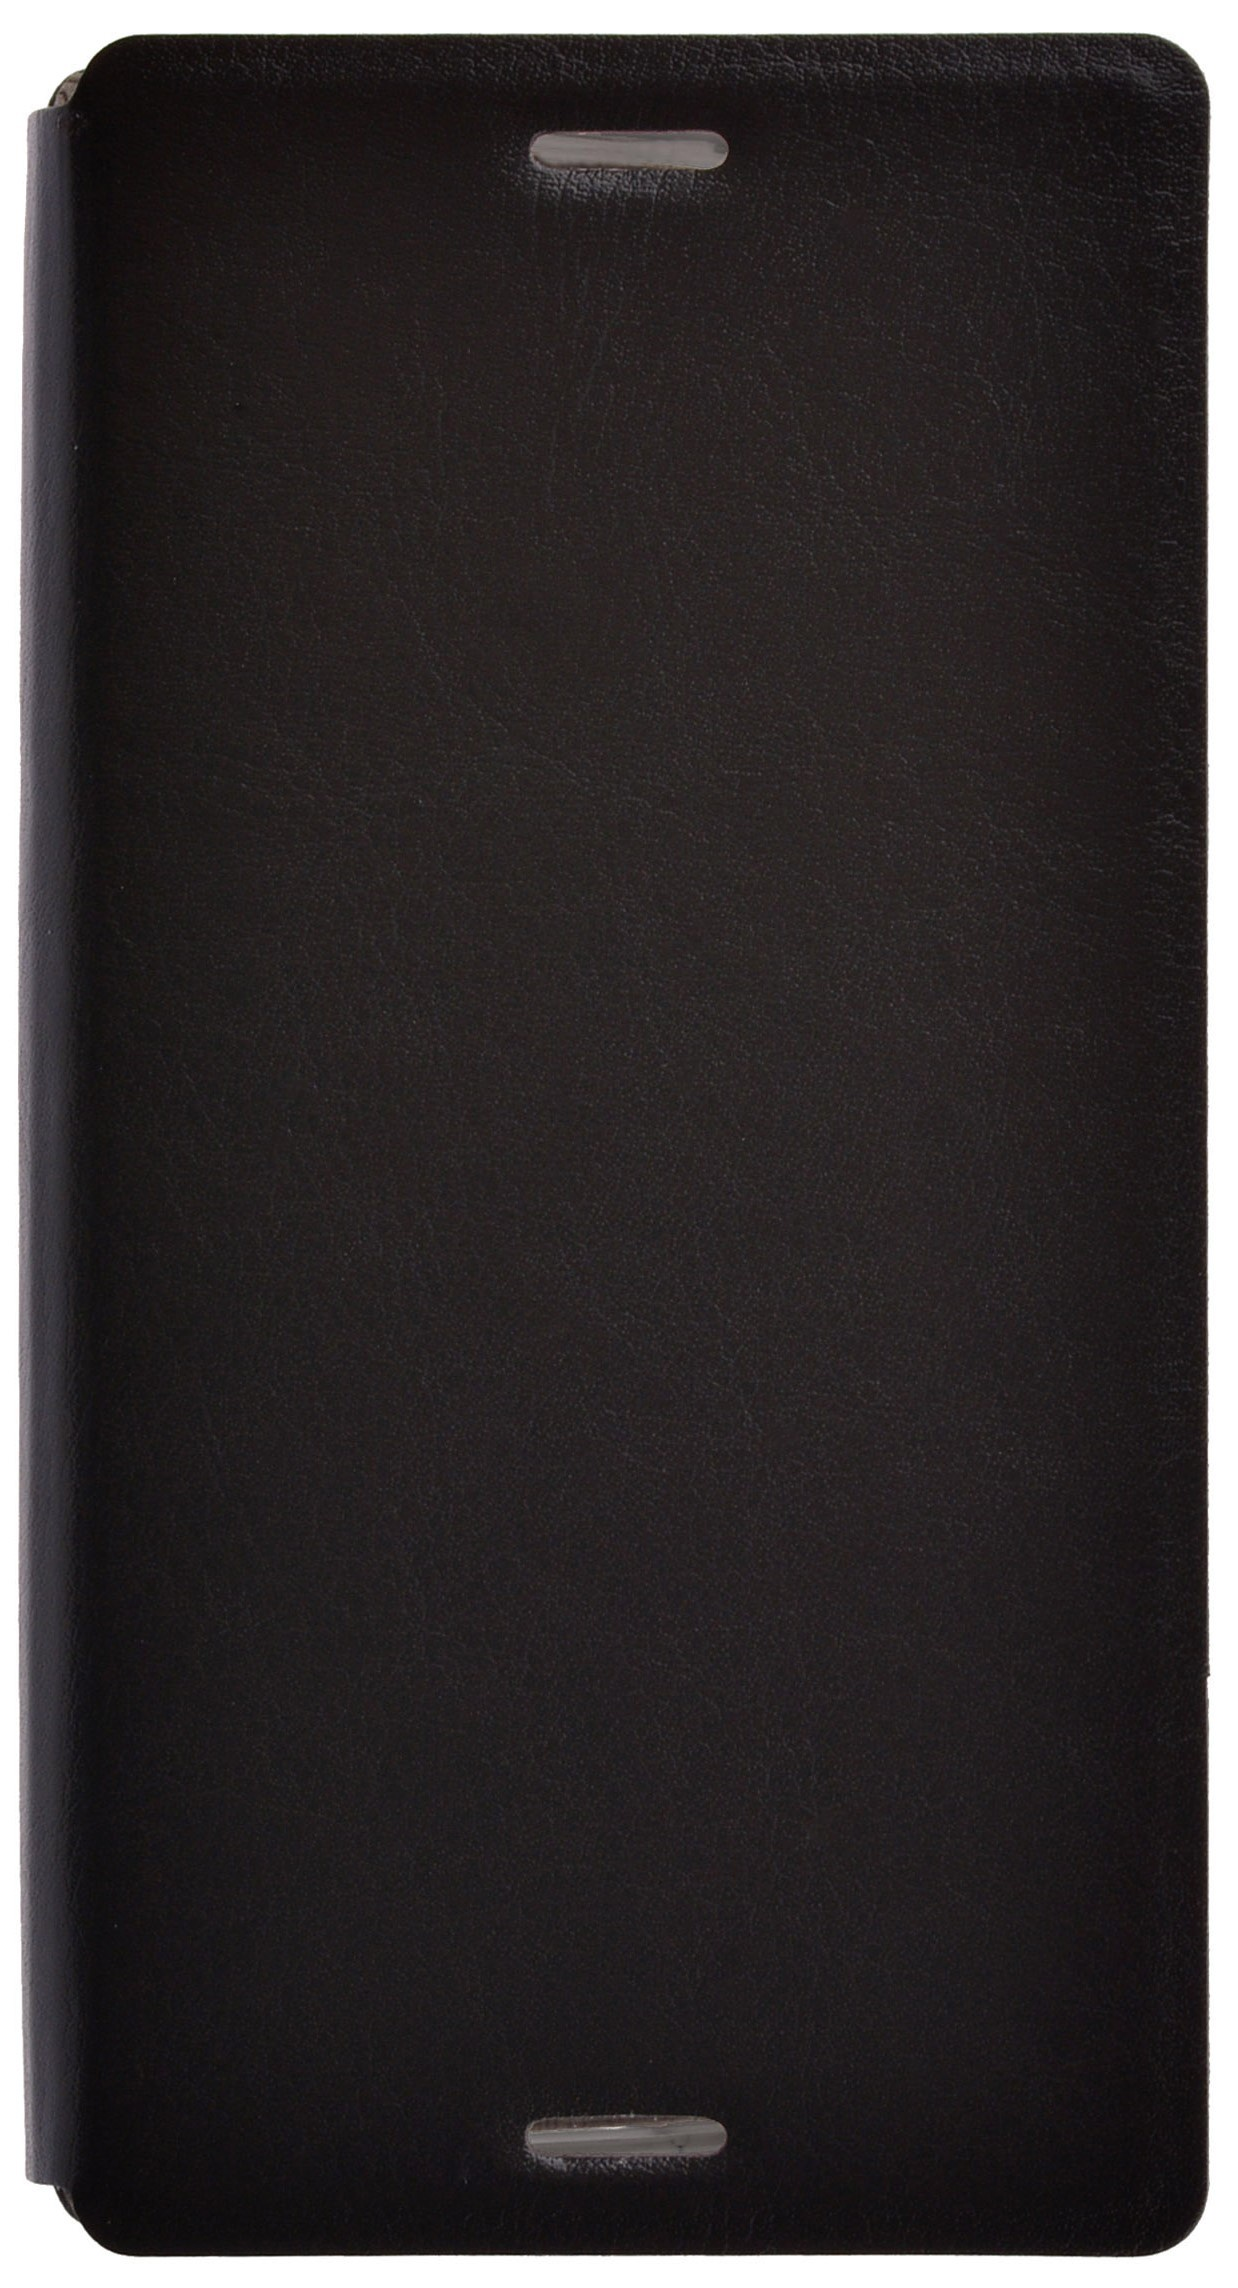 Чехол для сотового телефона skinBOX Lux, 4630042528659, черный цена